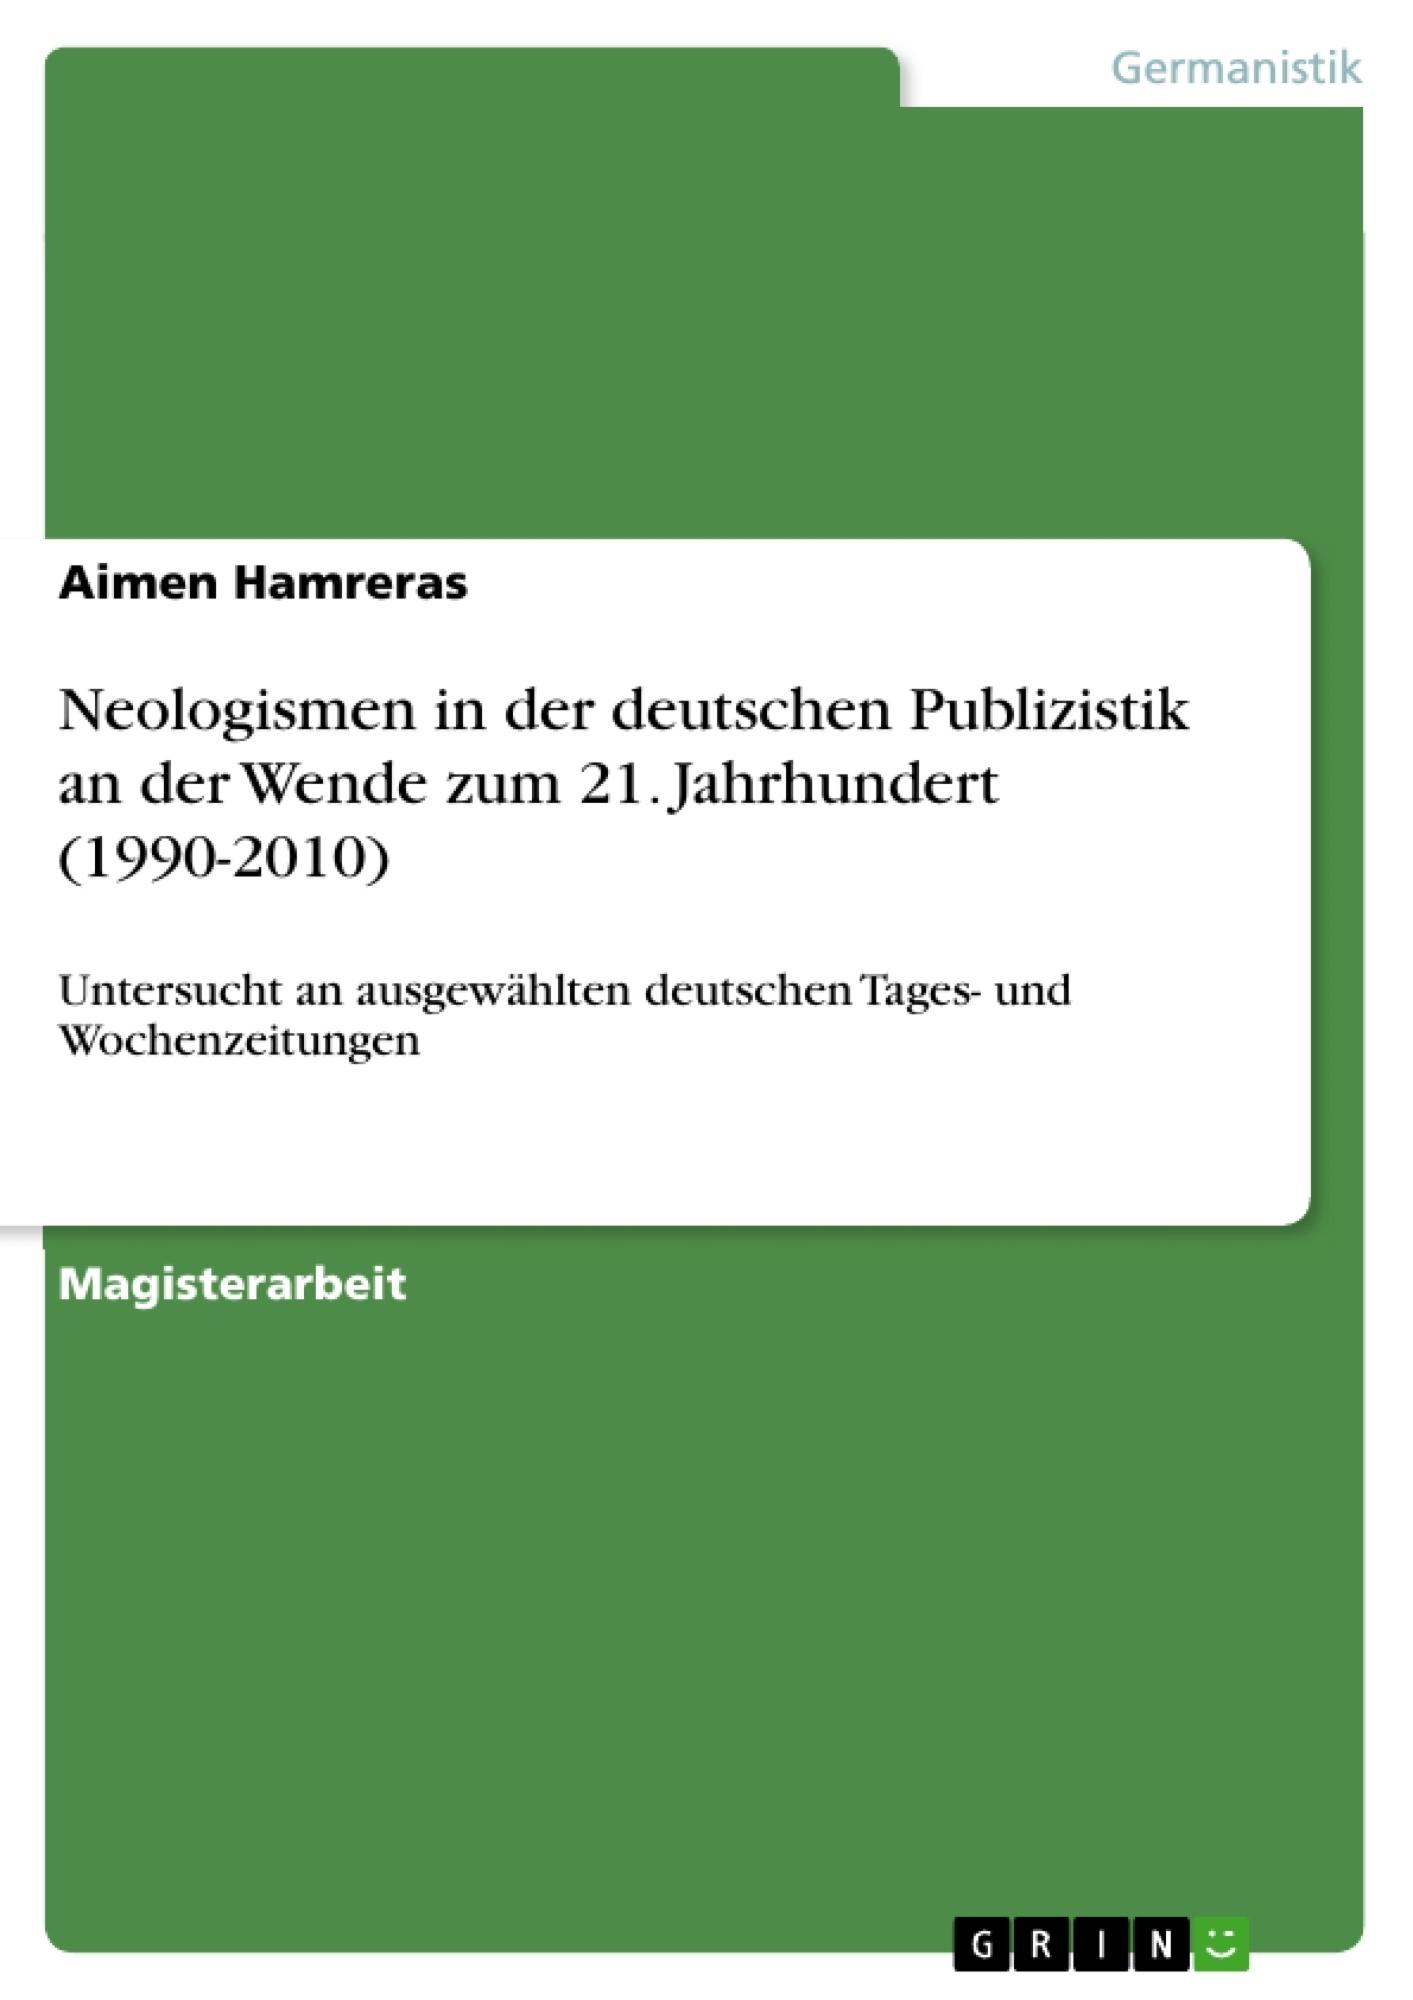 Titel: Neologismen in der deutschen Publizistik an der Wende zum 21. Jahrhundert (1990-2010)